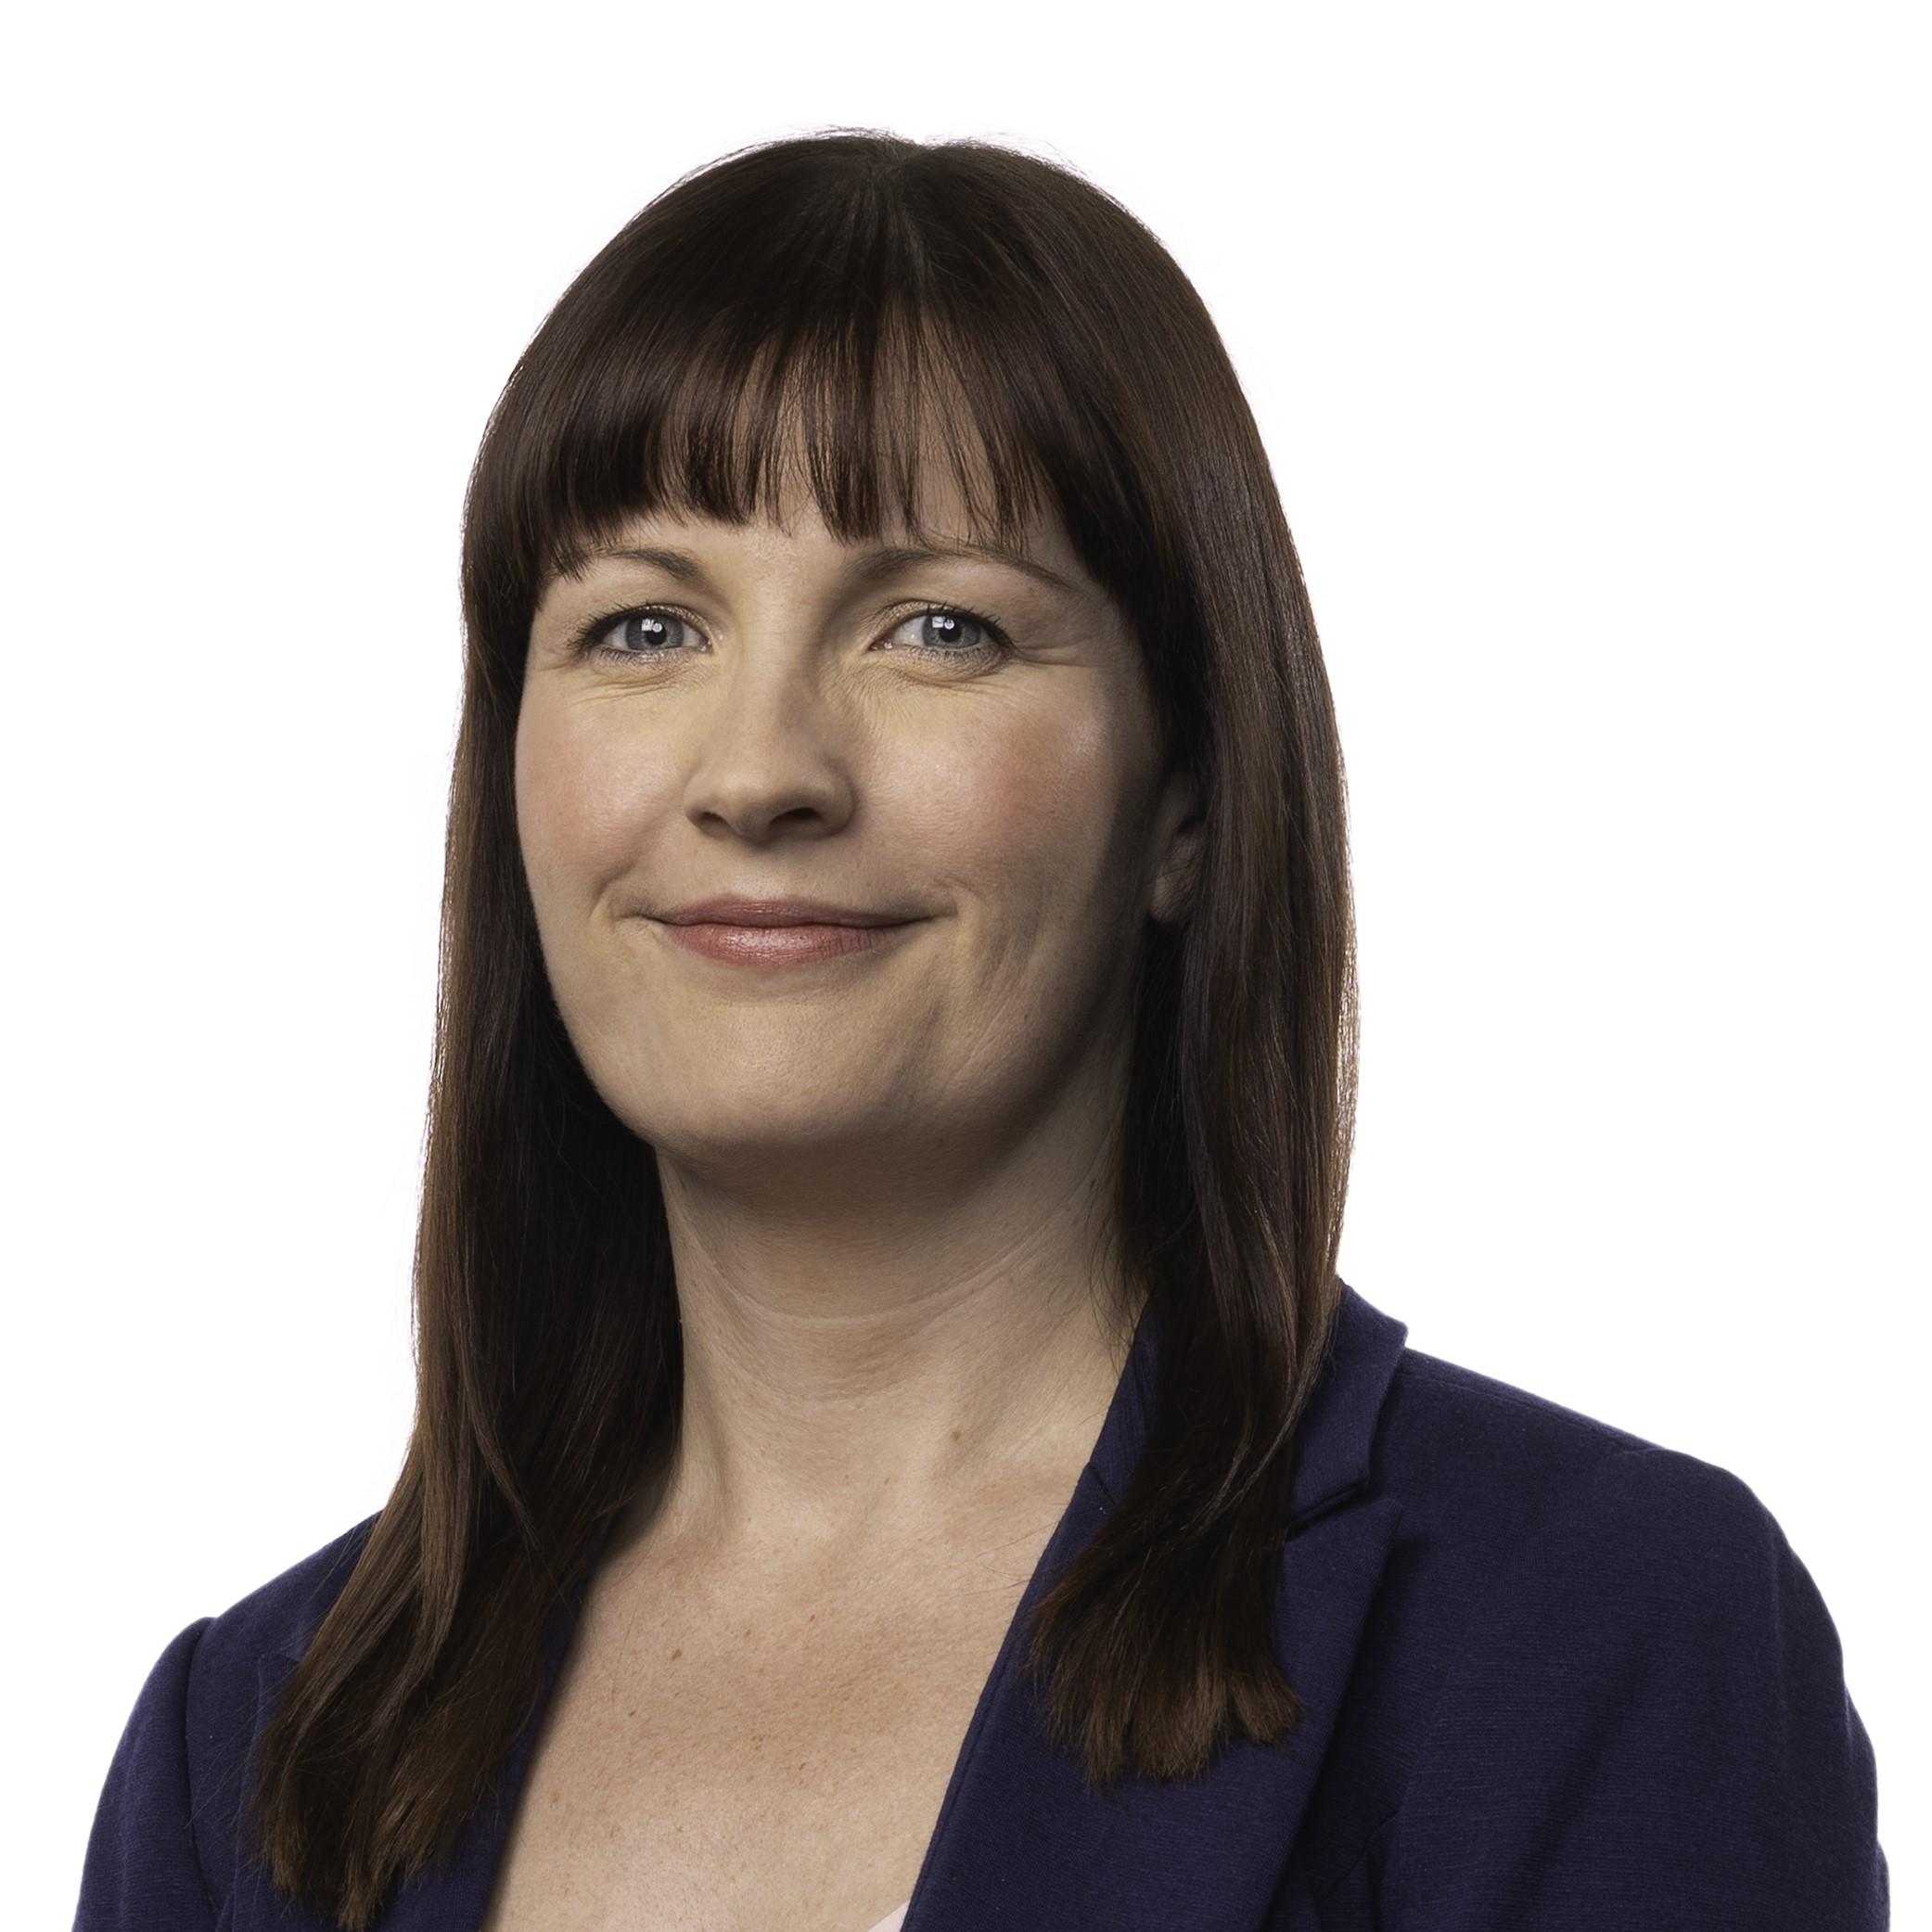 Sarah Heppinstall